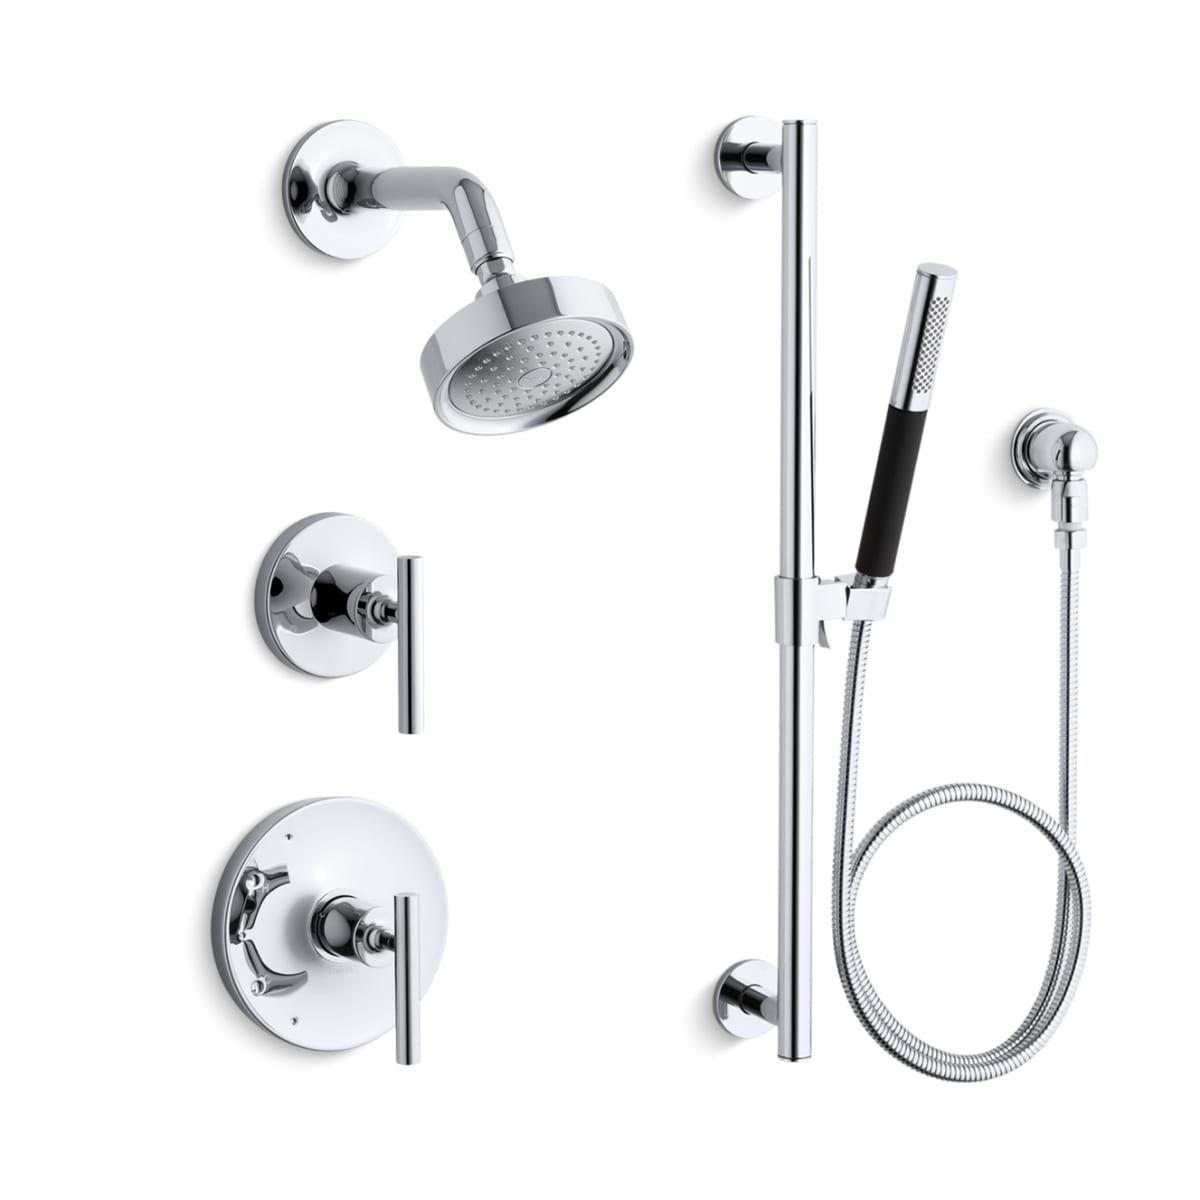 Kohler K Purist Shwr Bndl Hs Kohler Purist Shower Systems Tub